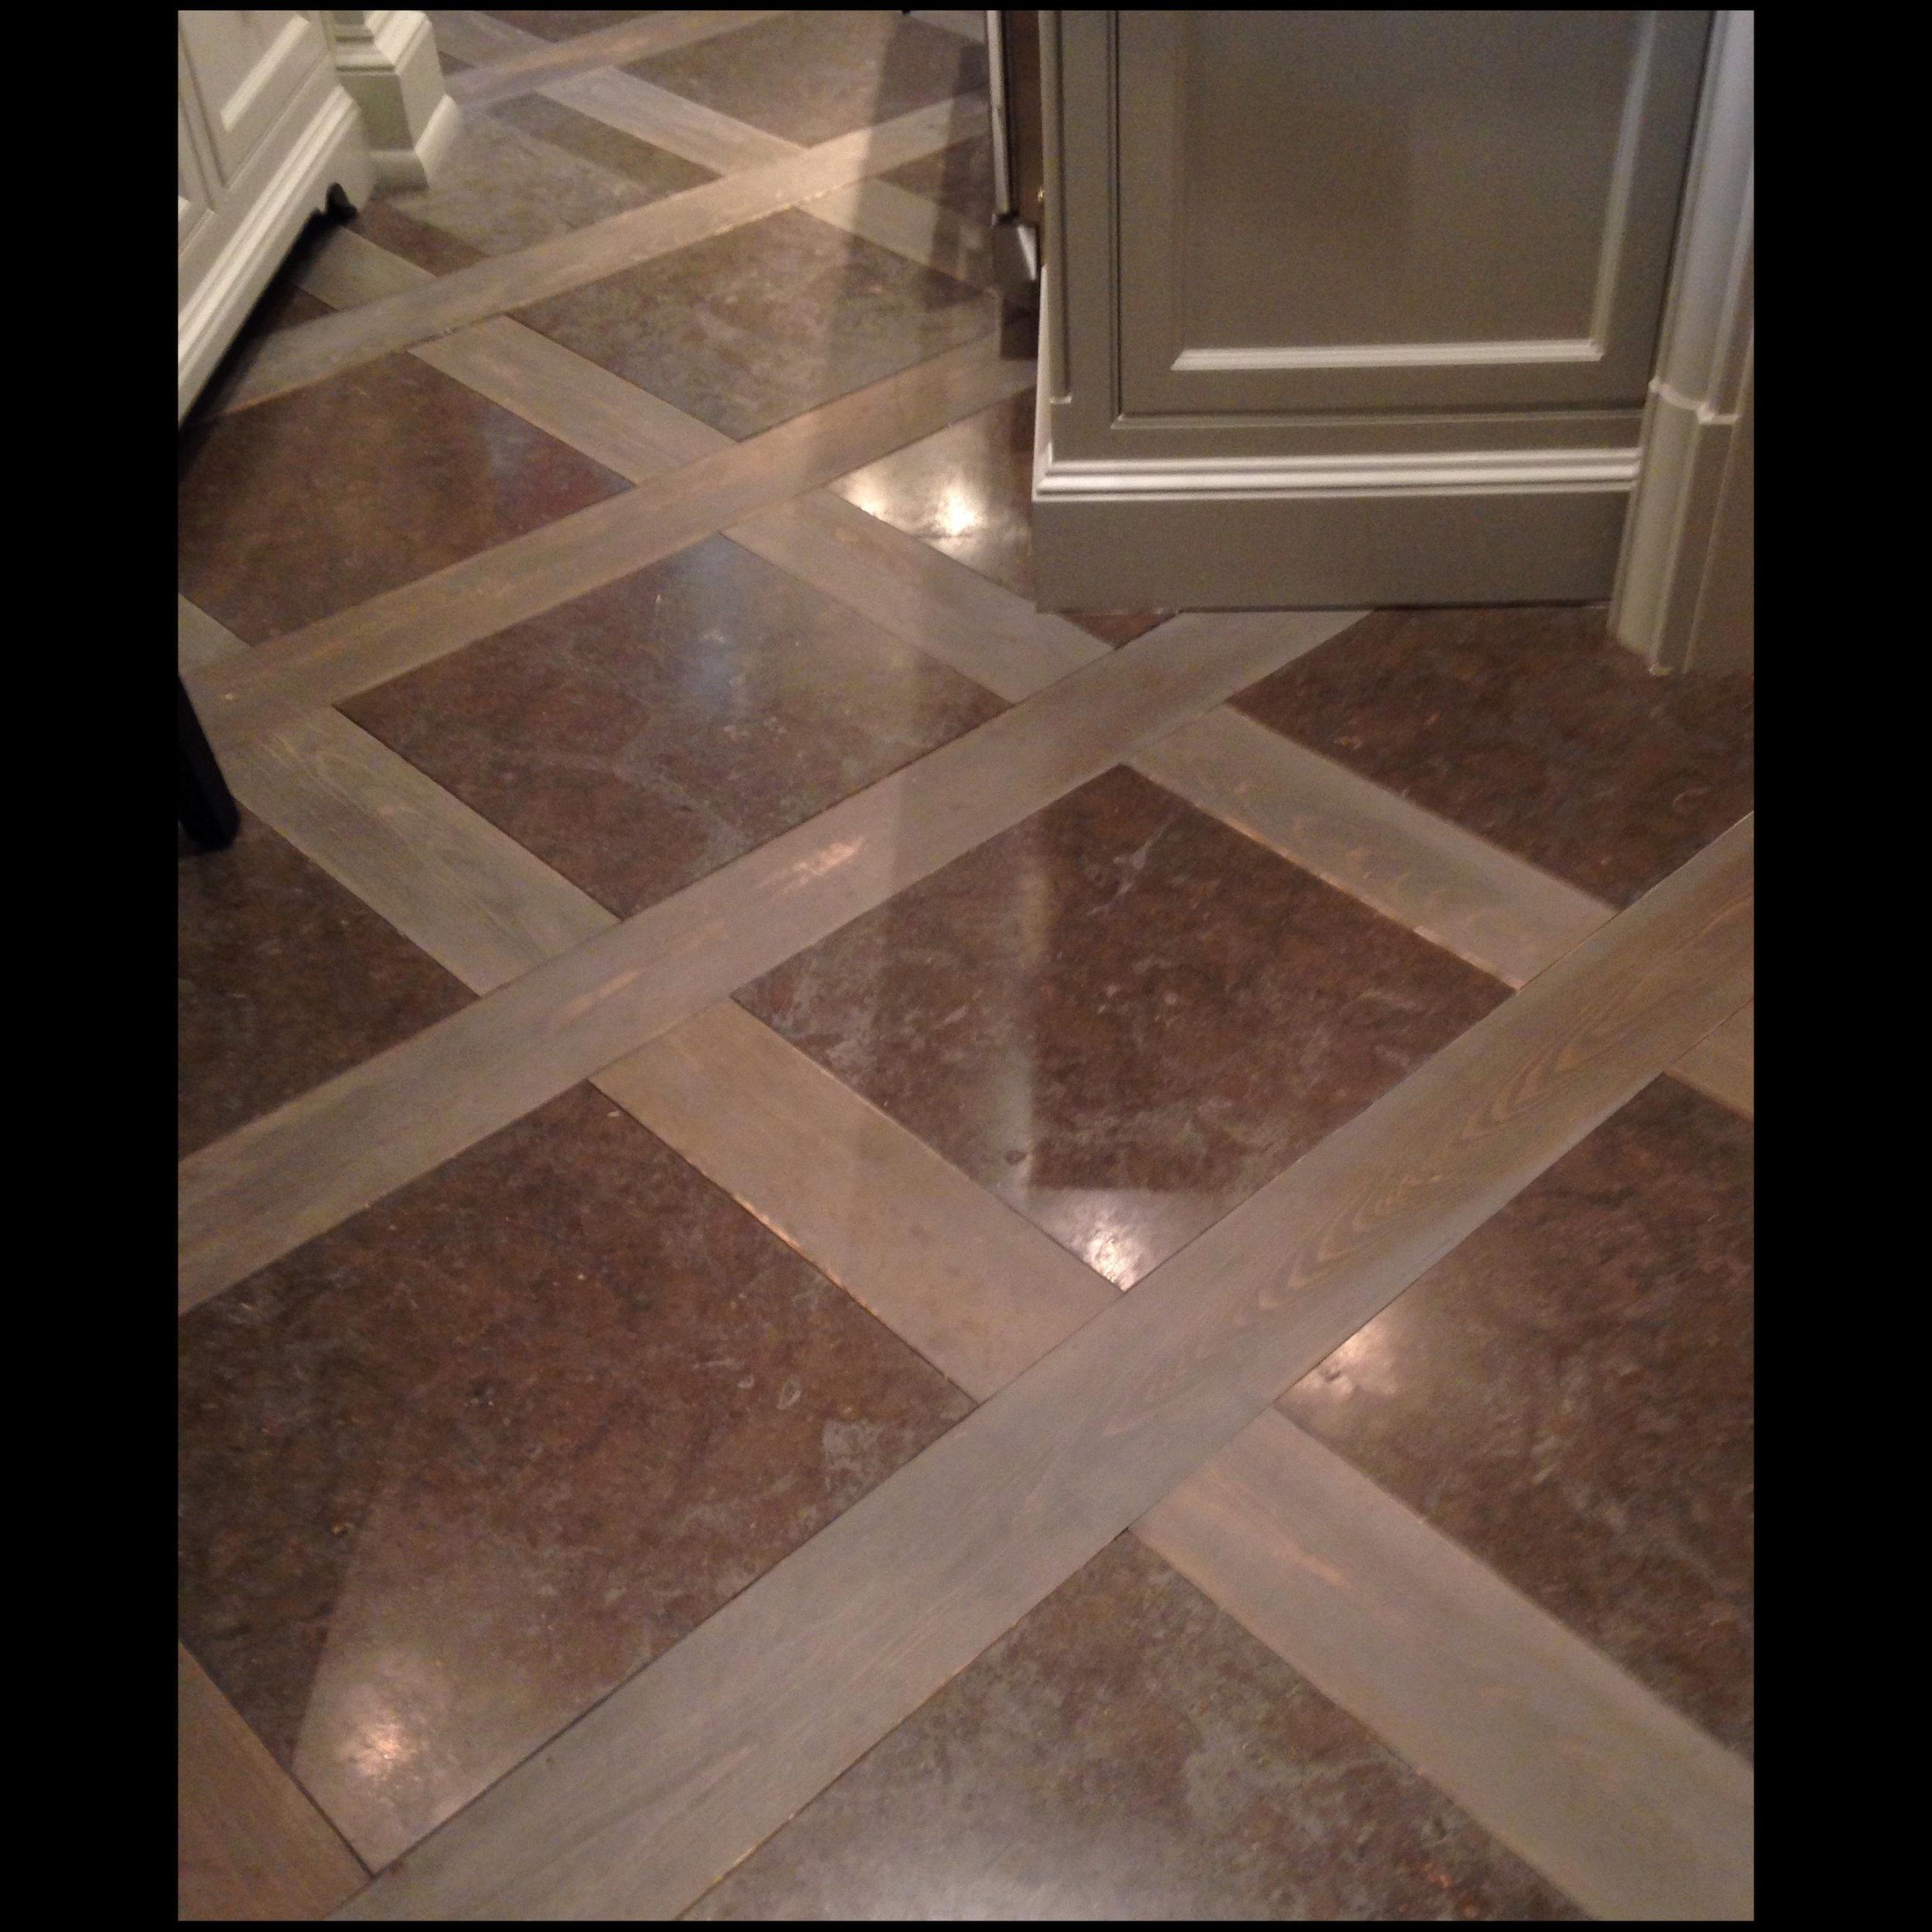 davis kitchen floor.jpg